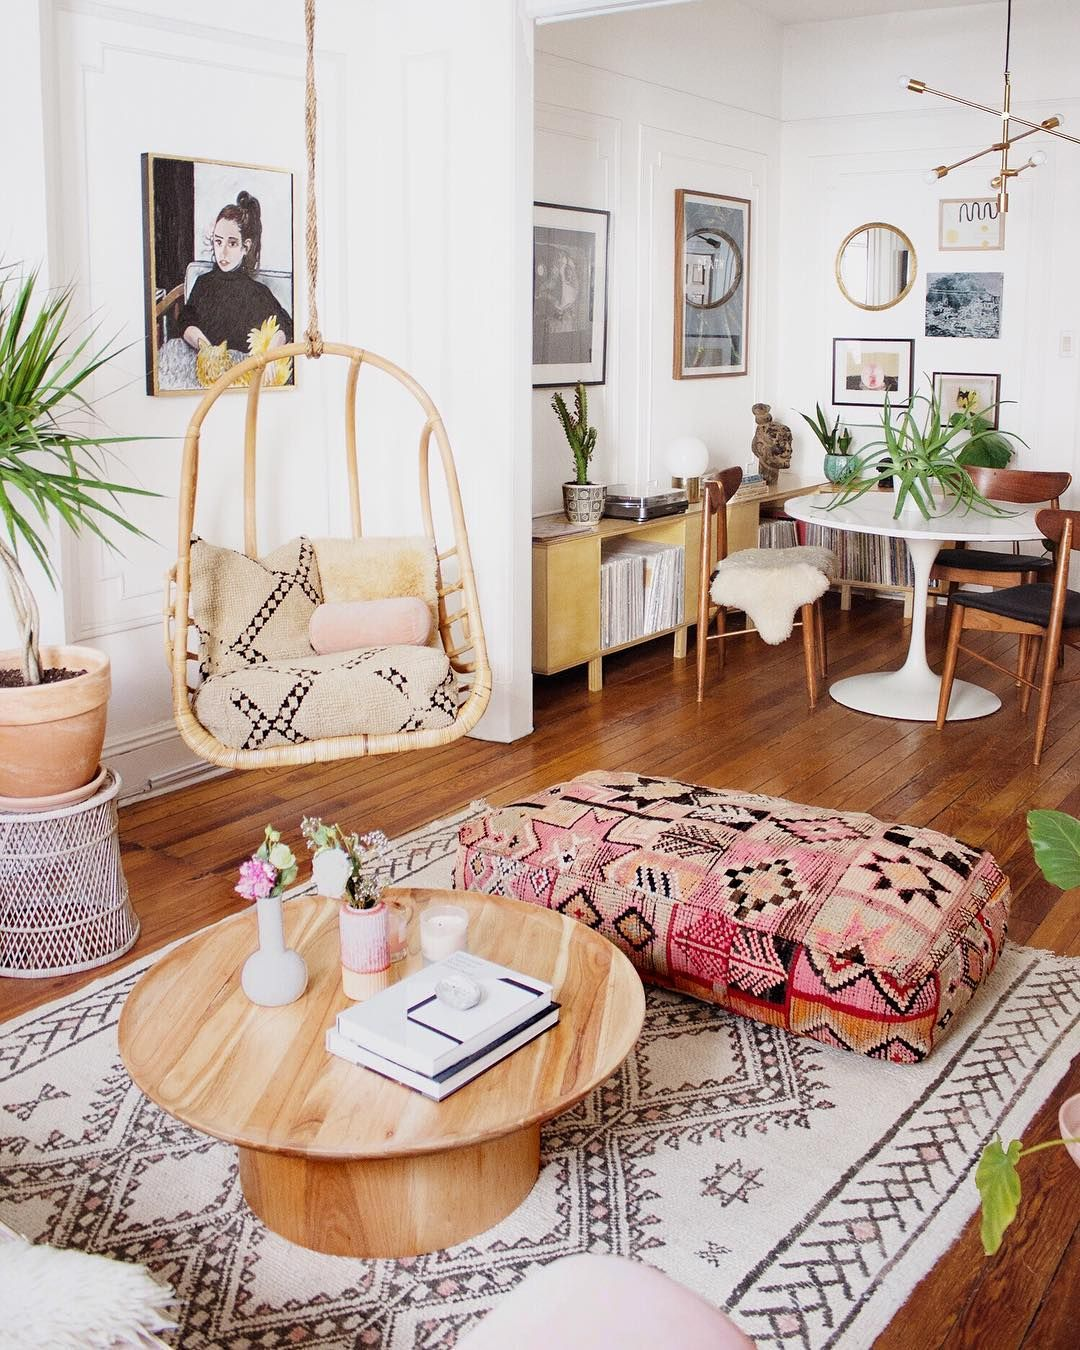 22 Bohemian Decor Essentials For Boho Chic Style Retro Home